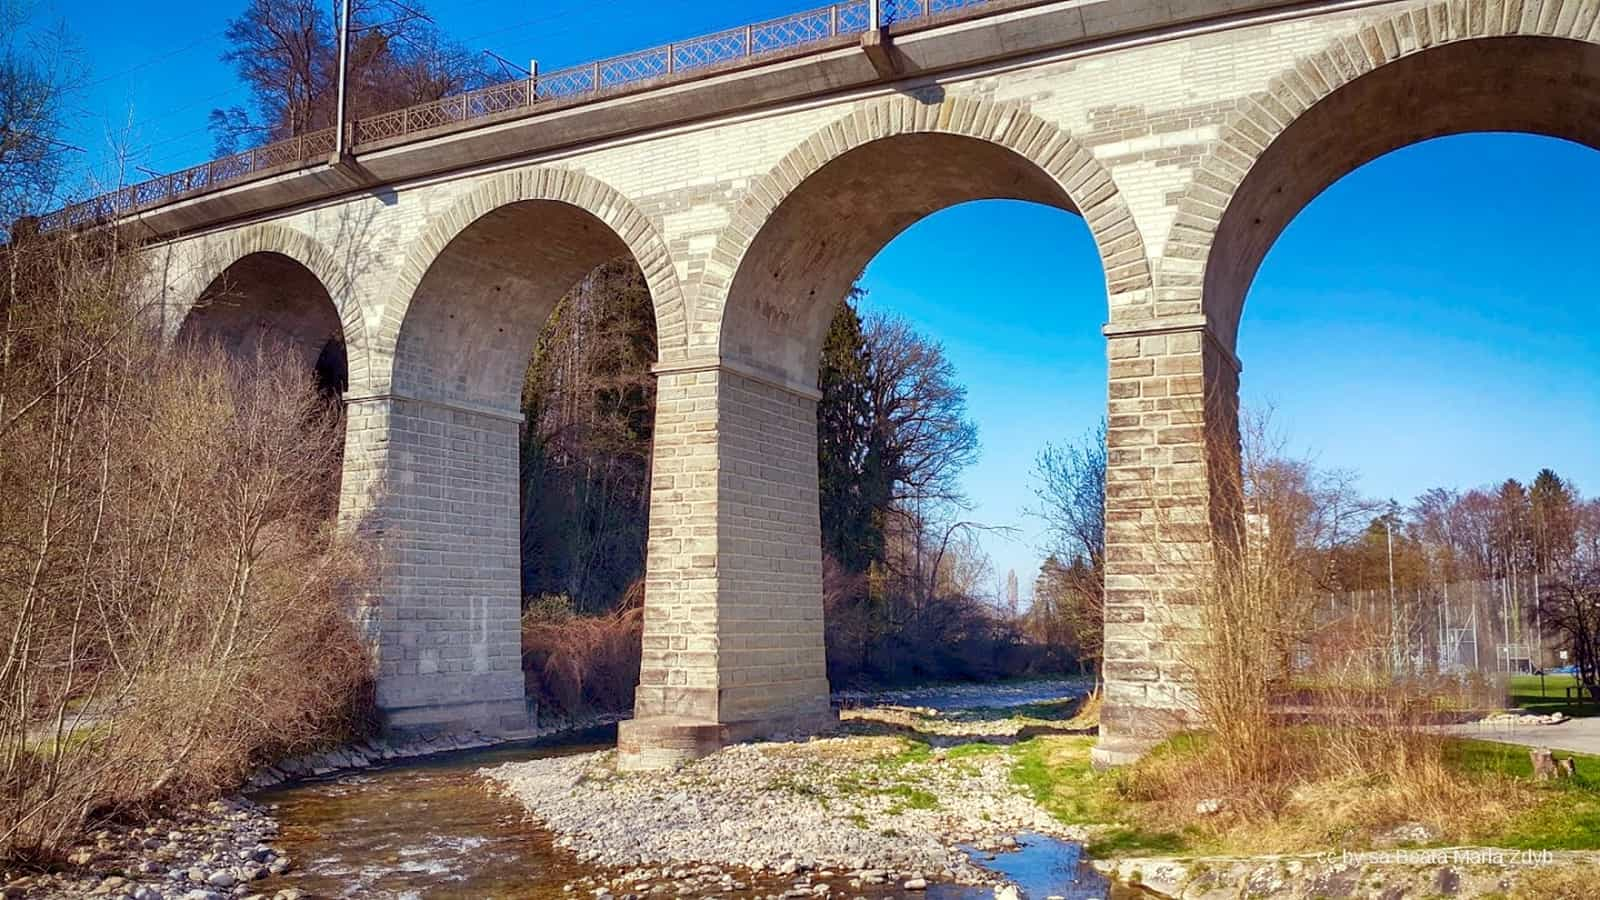 Goldach Viaduct SBB Switzerland